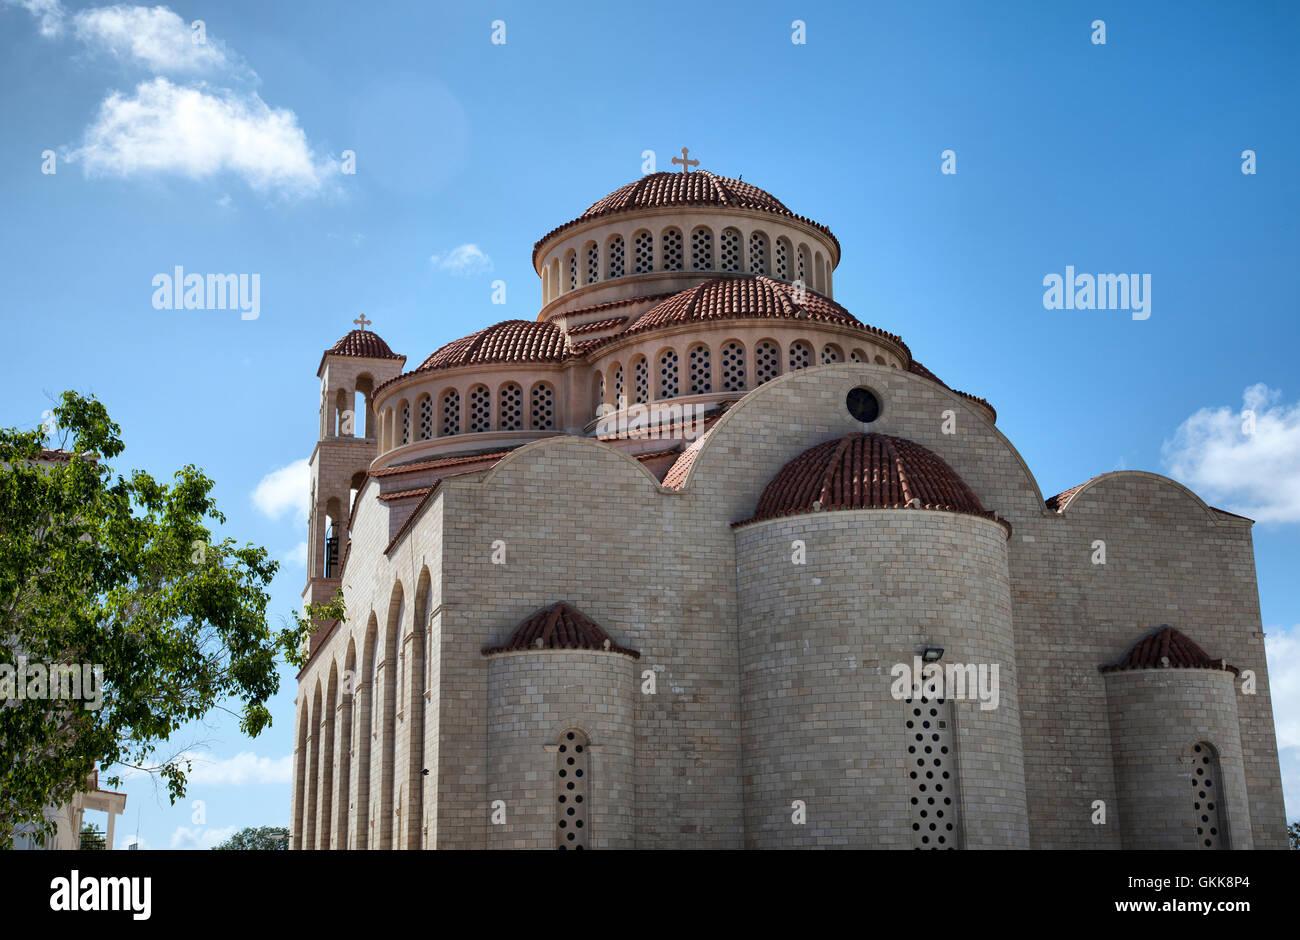 Agioi Anargyroi Church in Paphos - Cyprus Stock Photo